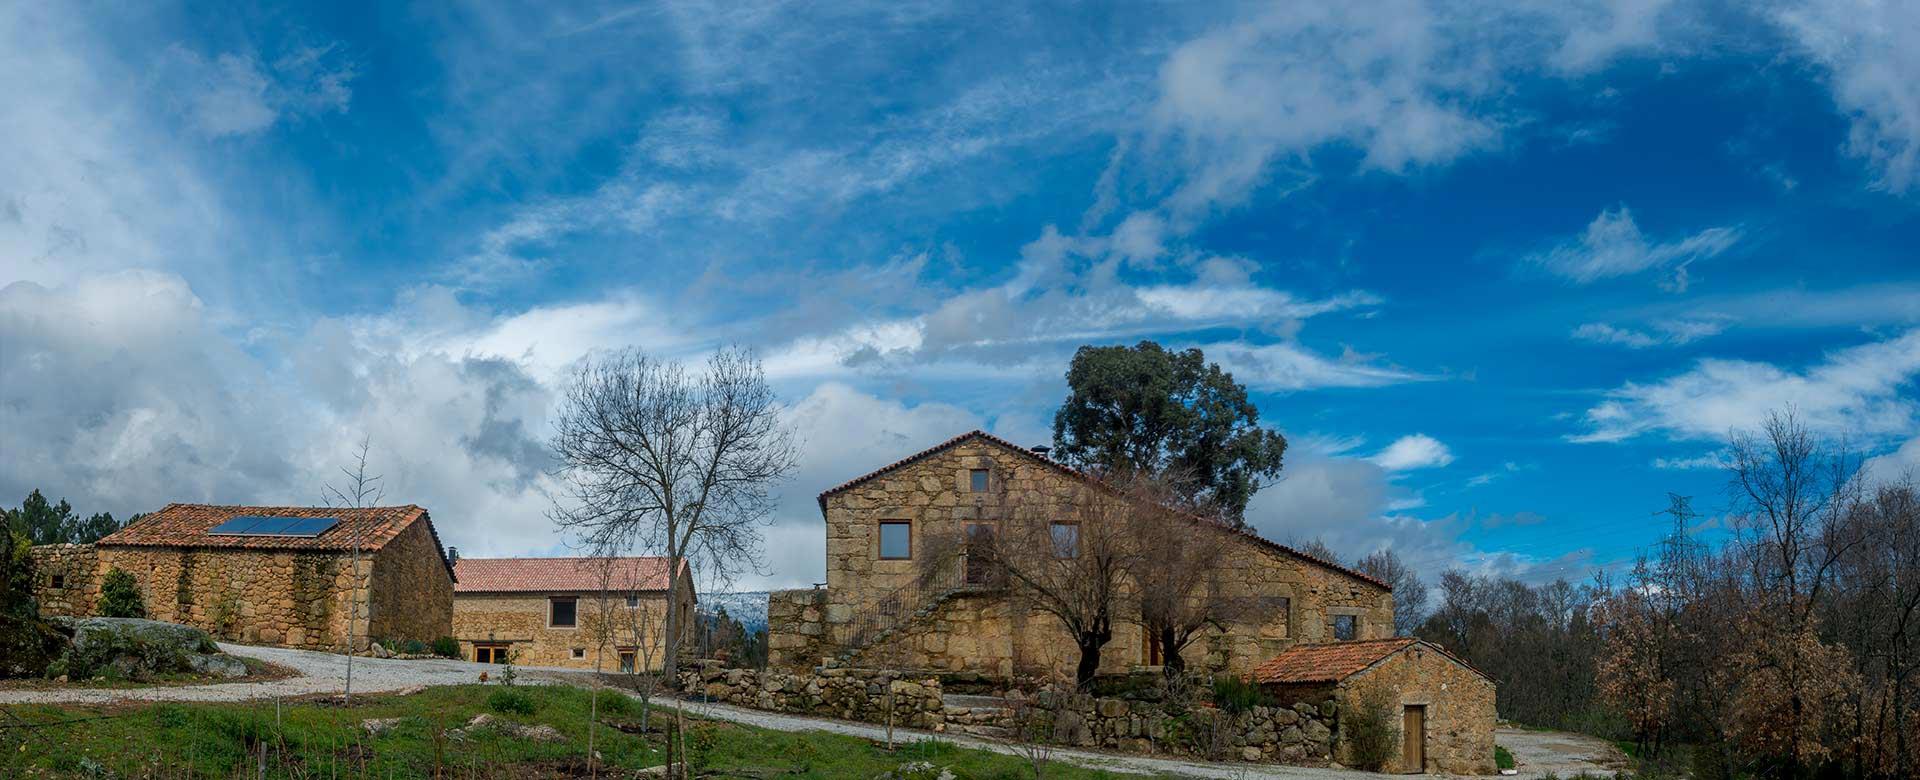 Quinta-de-Seves-Slider-CPrincipa0al